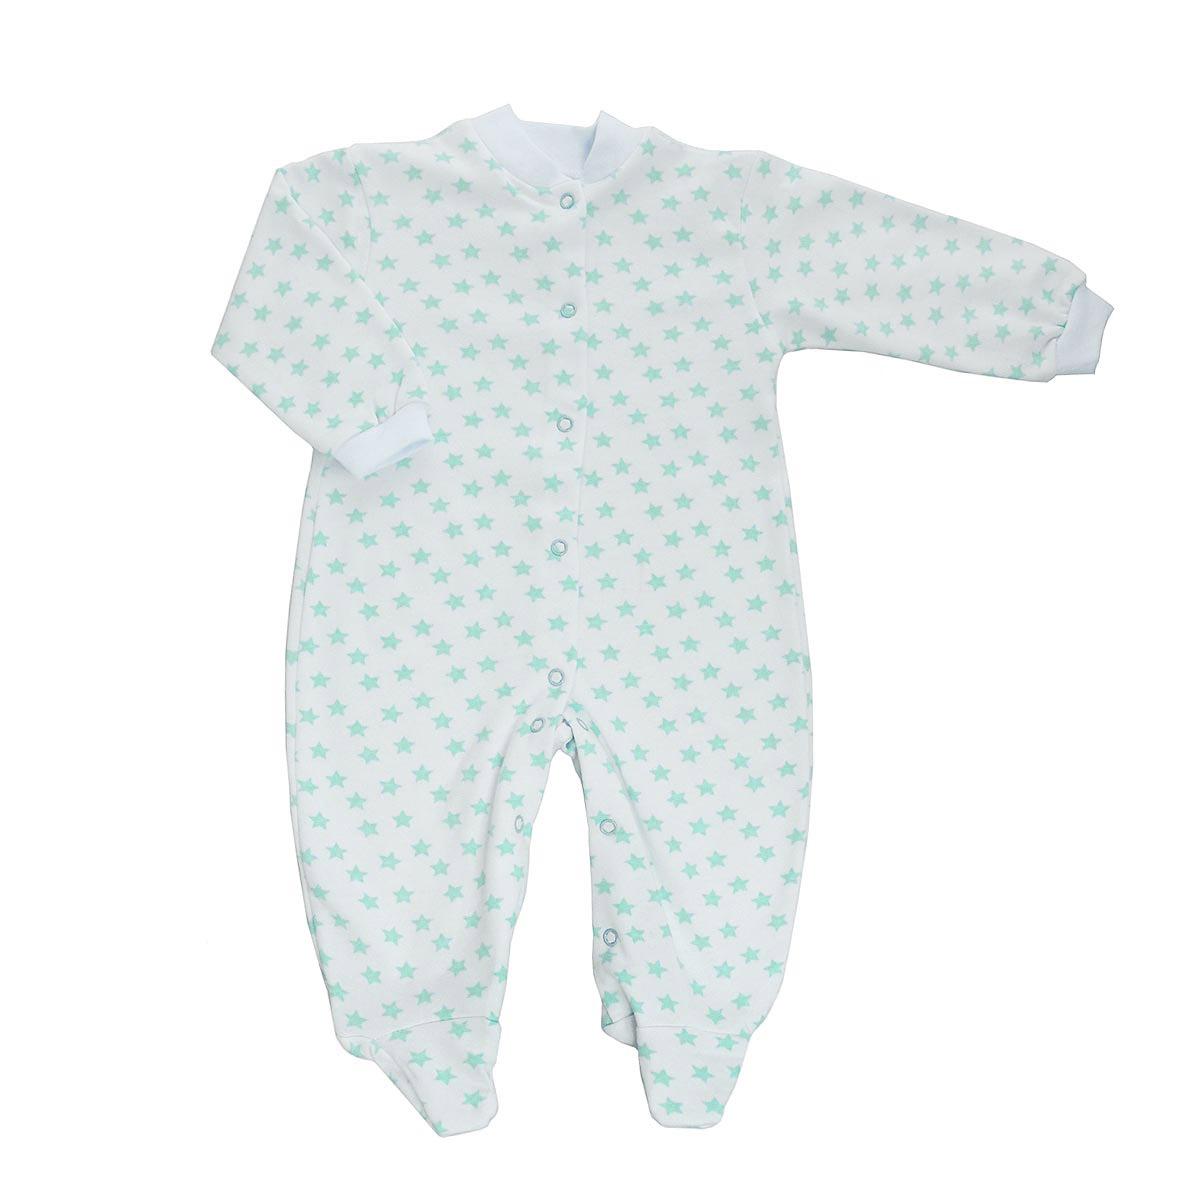 Комбинезон детский Трон-Плюс, цвет: белый, салатовый, рисунок звезды. 5821. Размер 80, 12 месяцев комбинезон детский трон плюс цвет белый голубой 5815 горох размер 80 12 месяцев